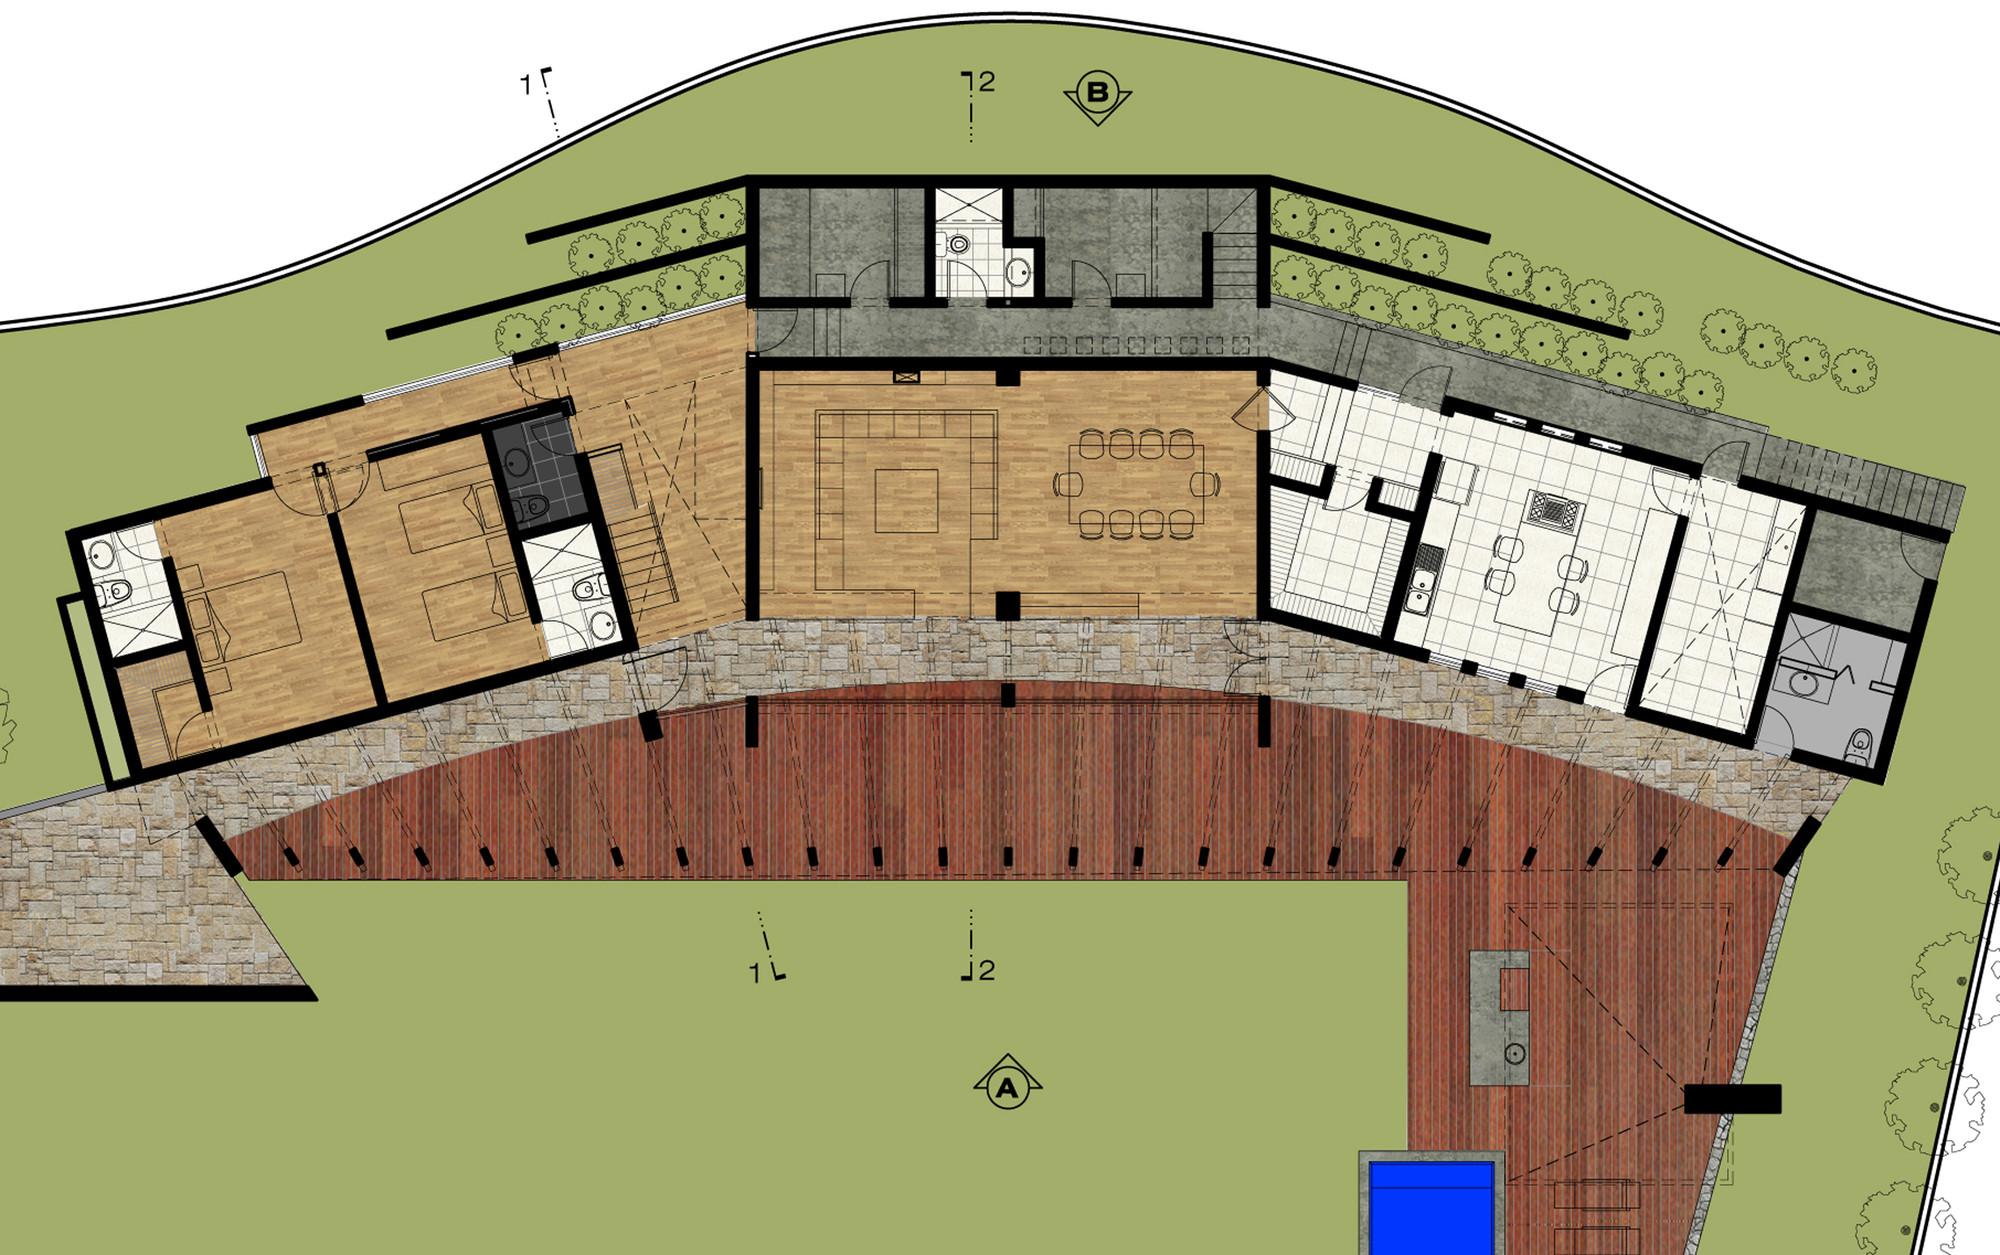 CyD House / V.Oid